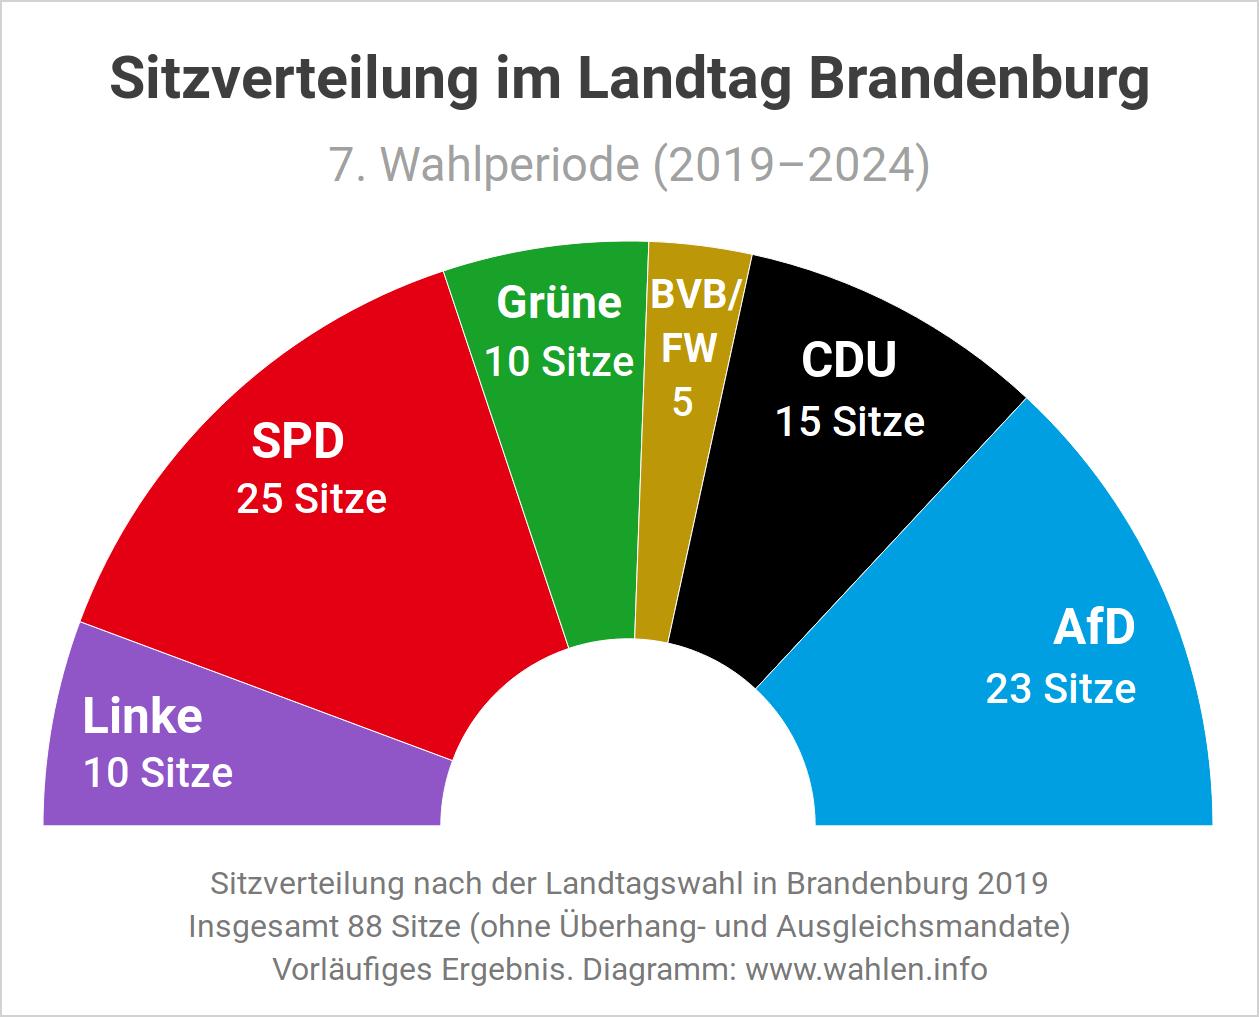 Landtagswahl in Brandenburg - Sitzverteilung und Sitzordnung im Landtag